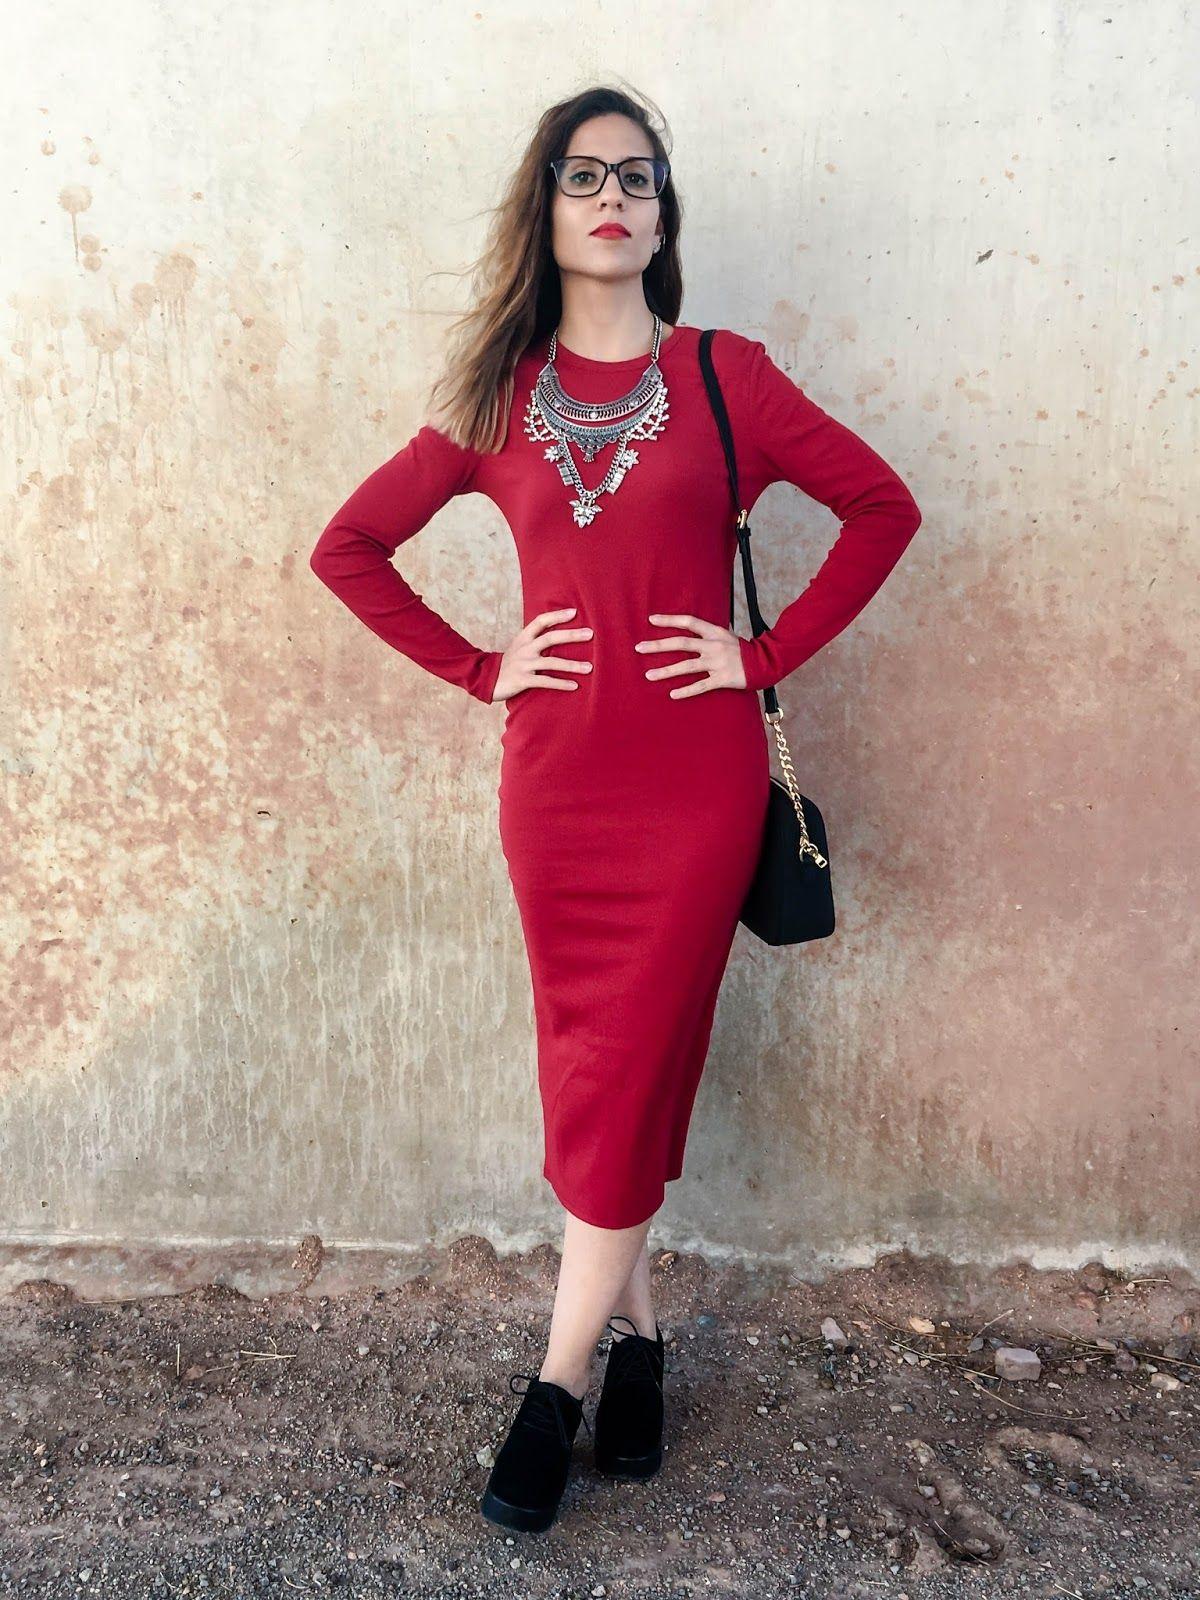 Hola hola mis preciosidades!! Comenzamos nueva semana con las pilas cargadas y con un nuevo post!! Esta vez el protagonista es un vestido d...